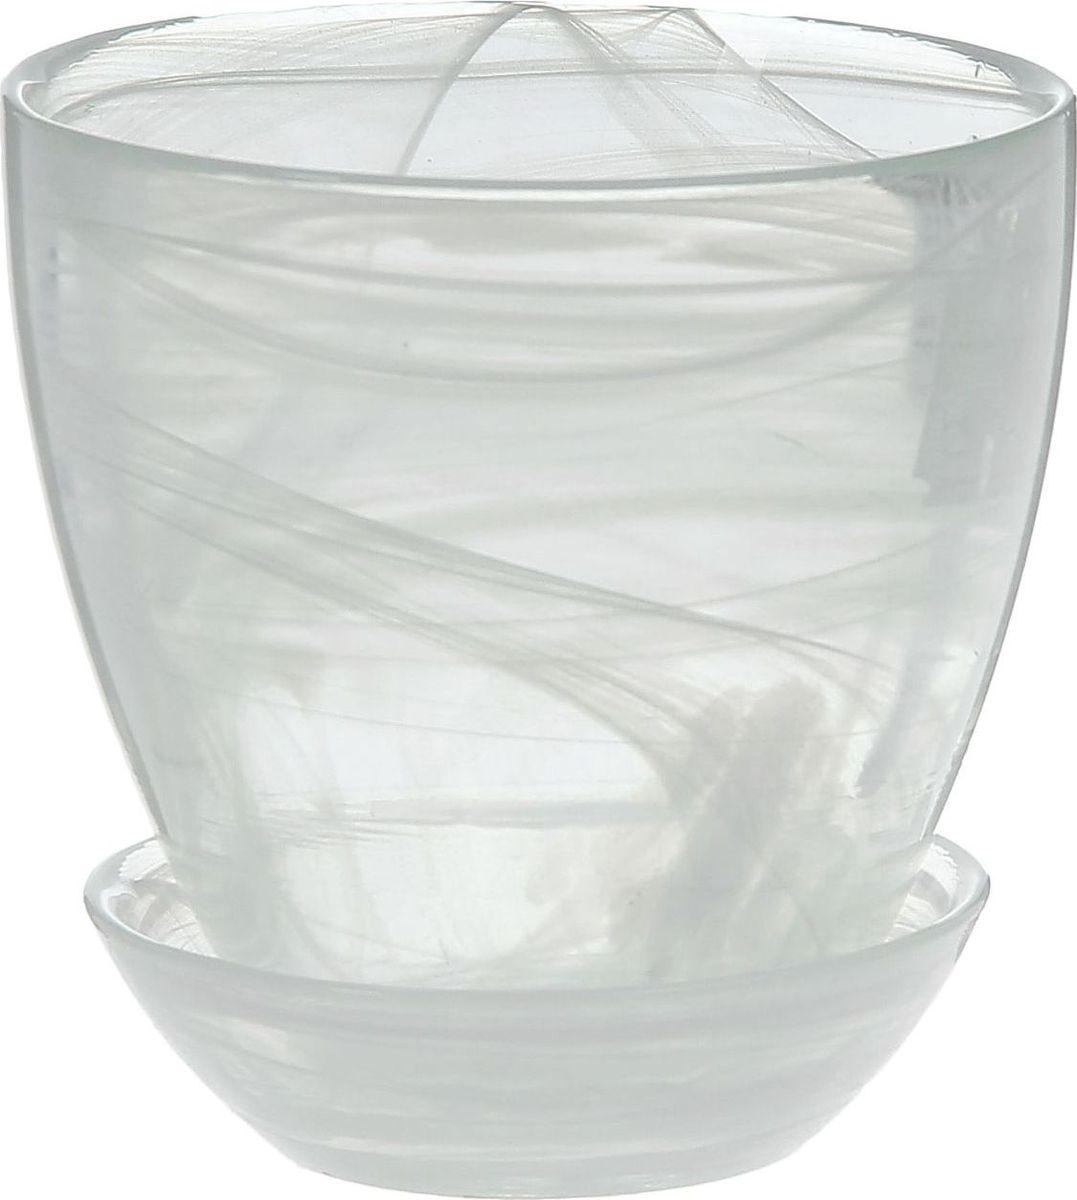 Кашпо NiNaGlass Гармония, с поддоном, цвет: белый, 0,5 л531-402Комнатные растения — всеобщие любимцы. Они радуют глаз, насыщают помещение кислородом и украшают пространство. Каждому цветку необходим свой удобный и красивый дом. Из-за прозрачности стекла такие декоративные вазы для горшков пользуются большой популярностью для выращивания орхидей. #name# позаботится о зелёном питомце, освежит интерьер и подчеркнёт его стиль!